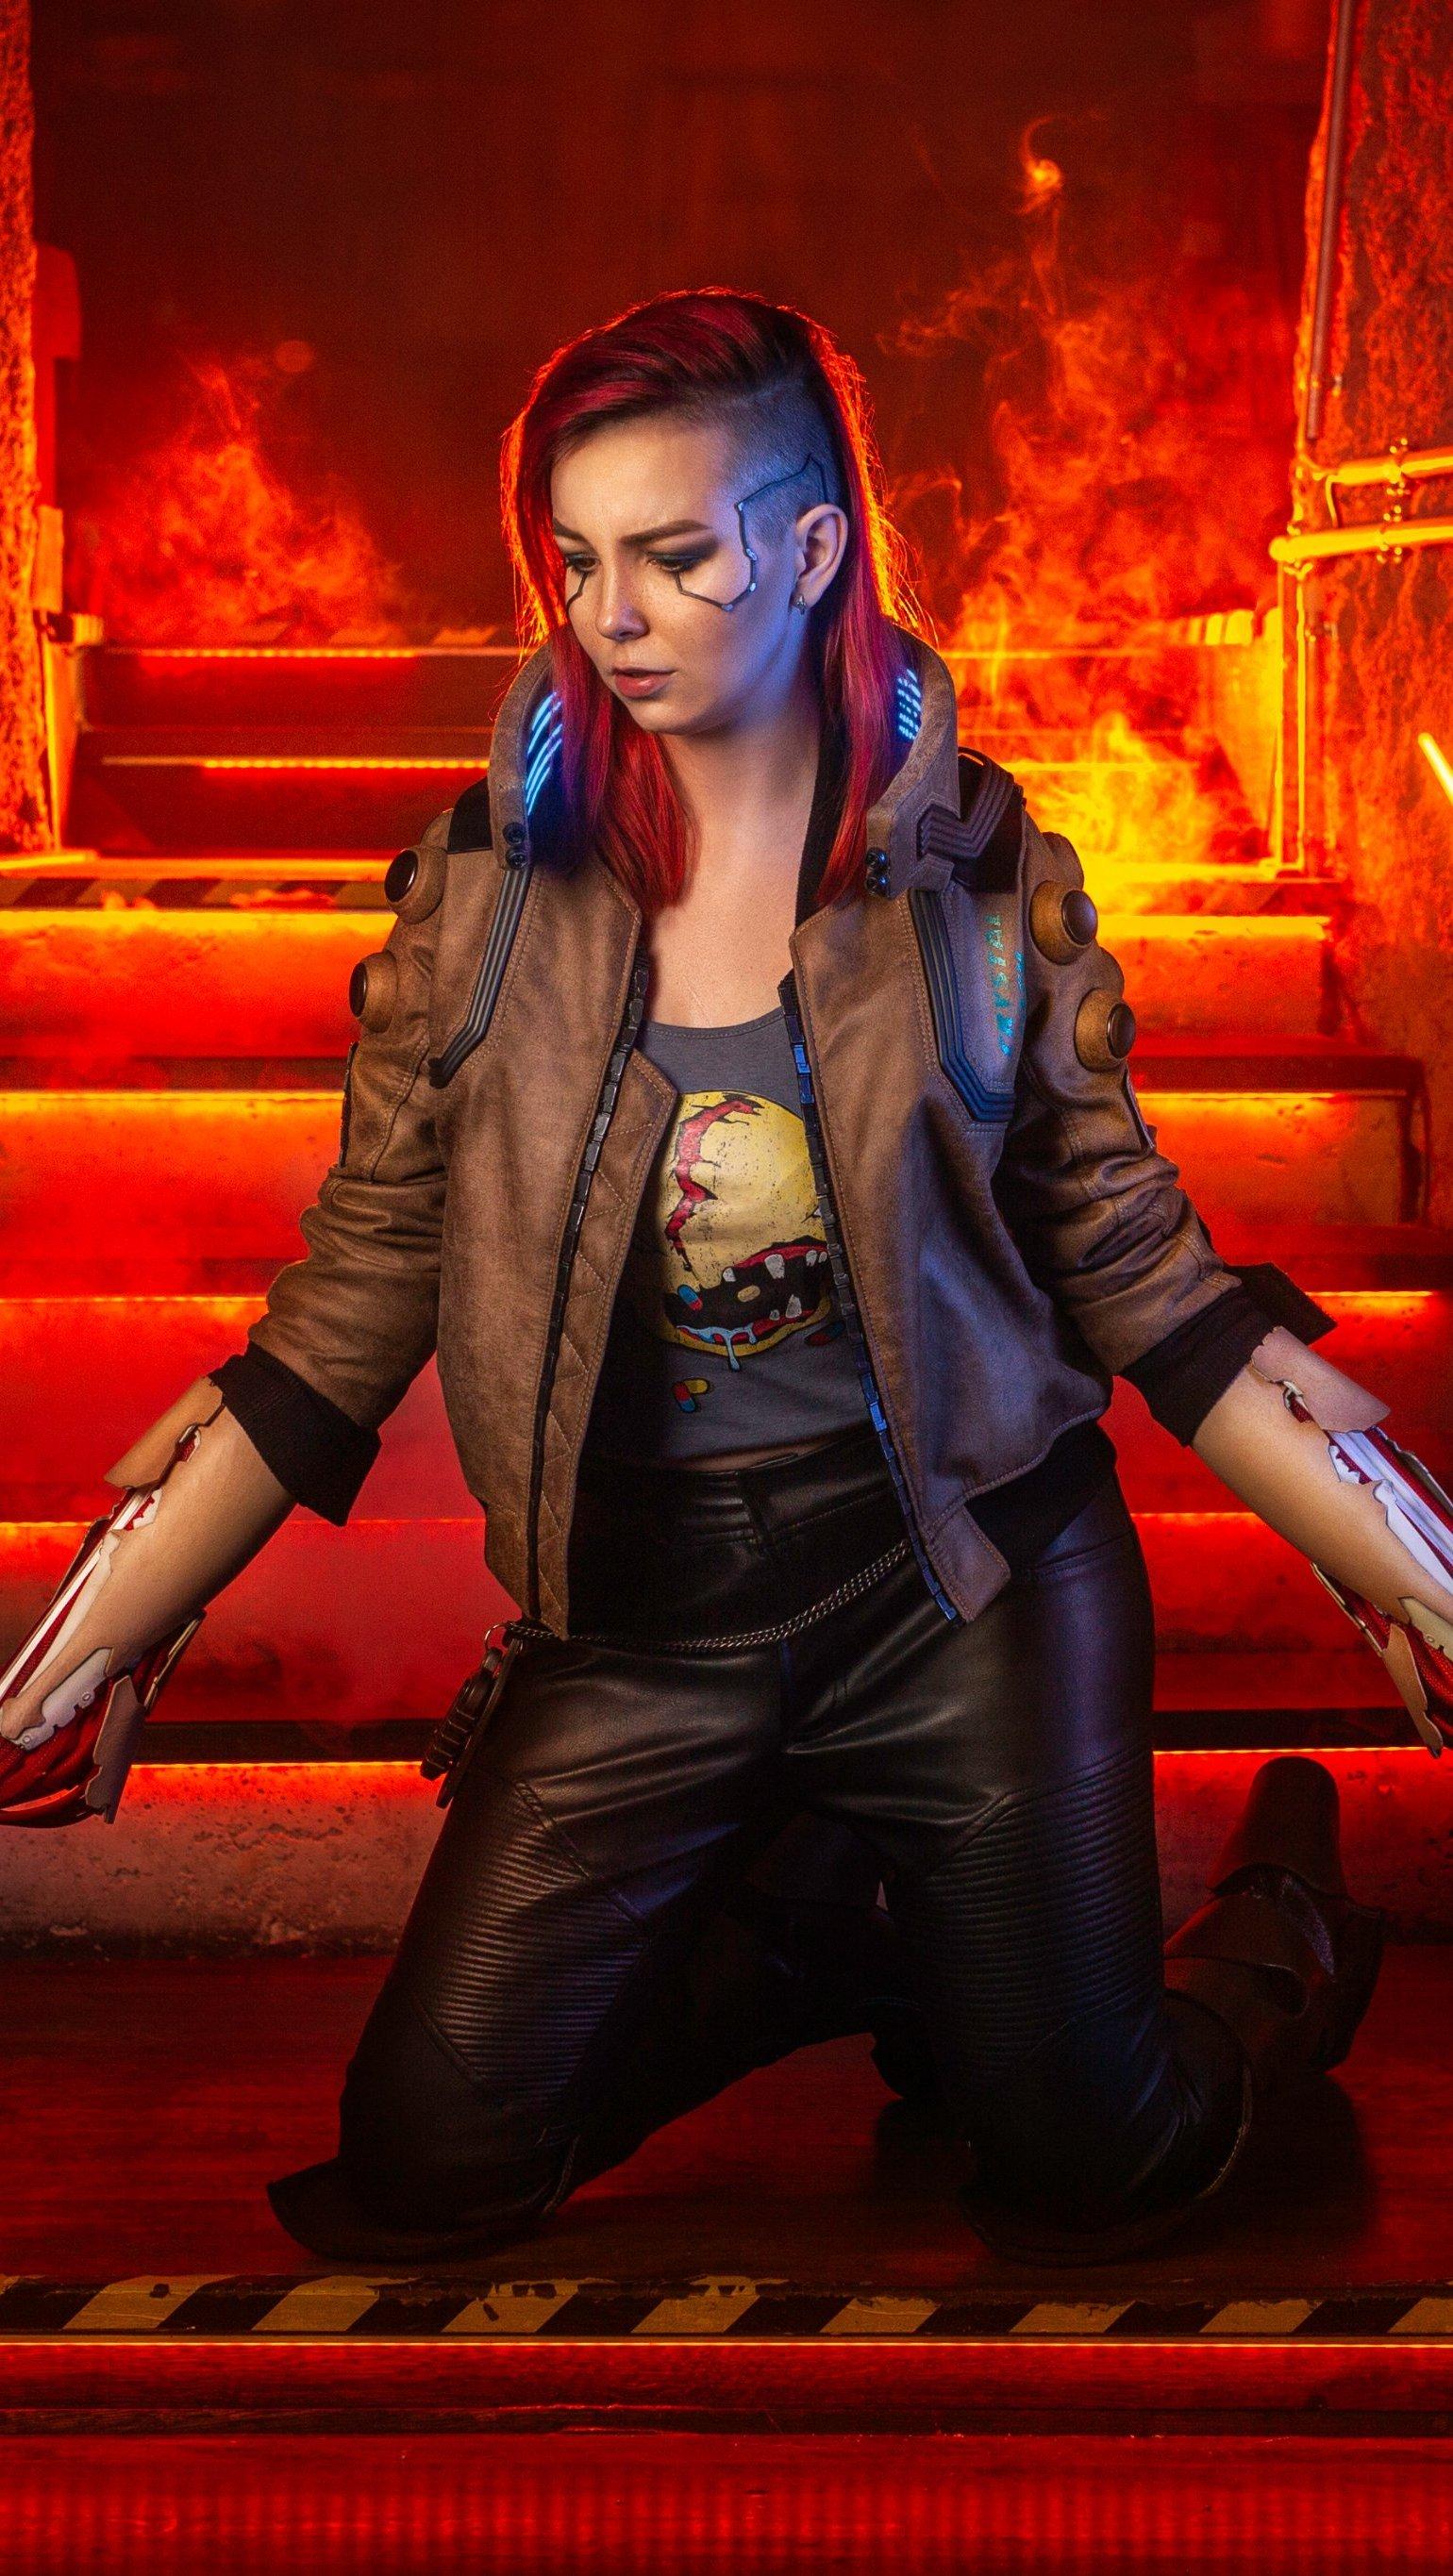 Fondos de pantalla V en Cyberpunk 2077 Cosplay Vertical